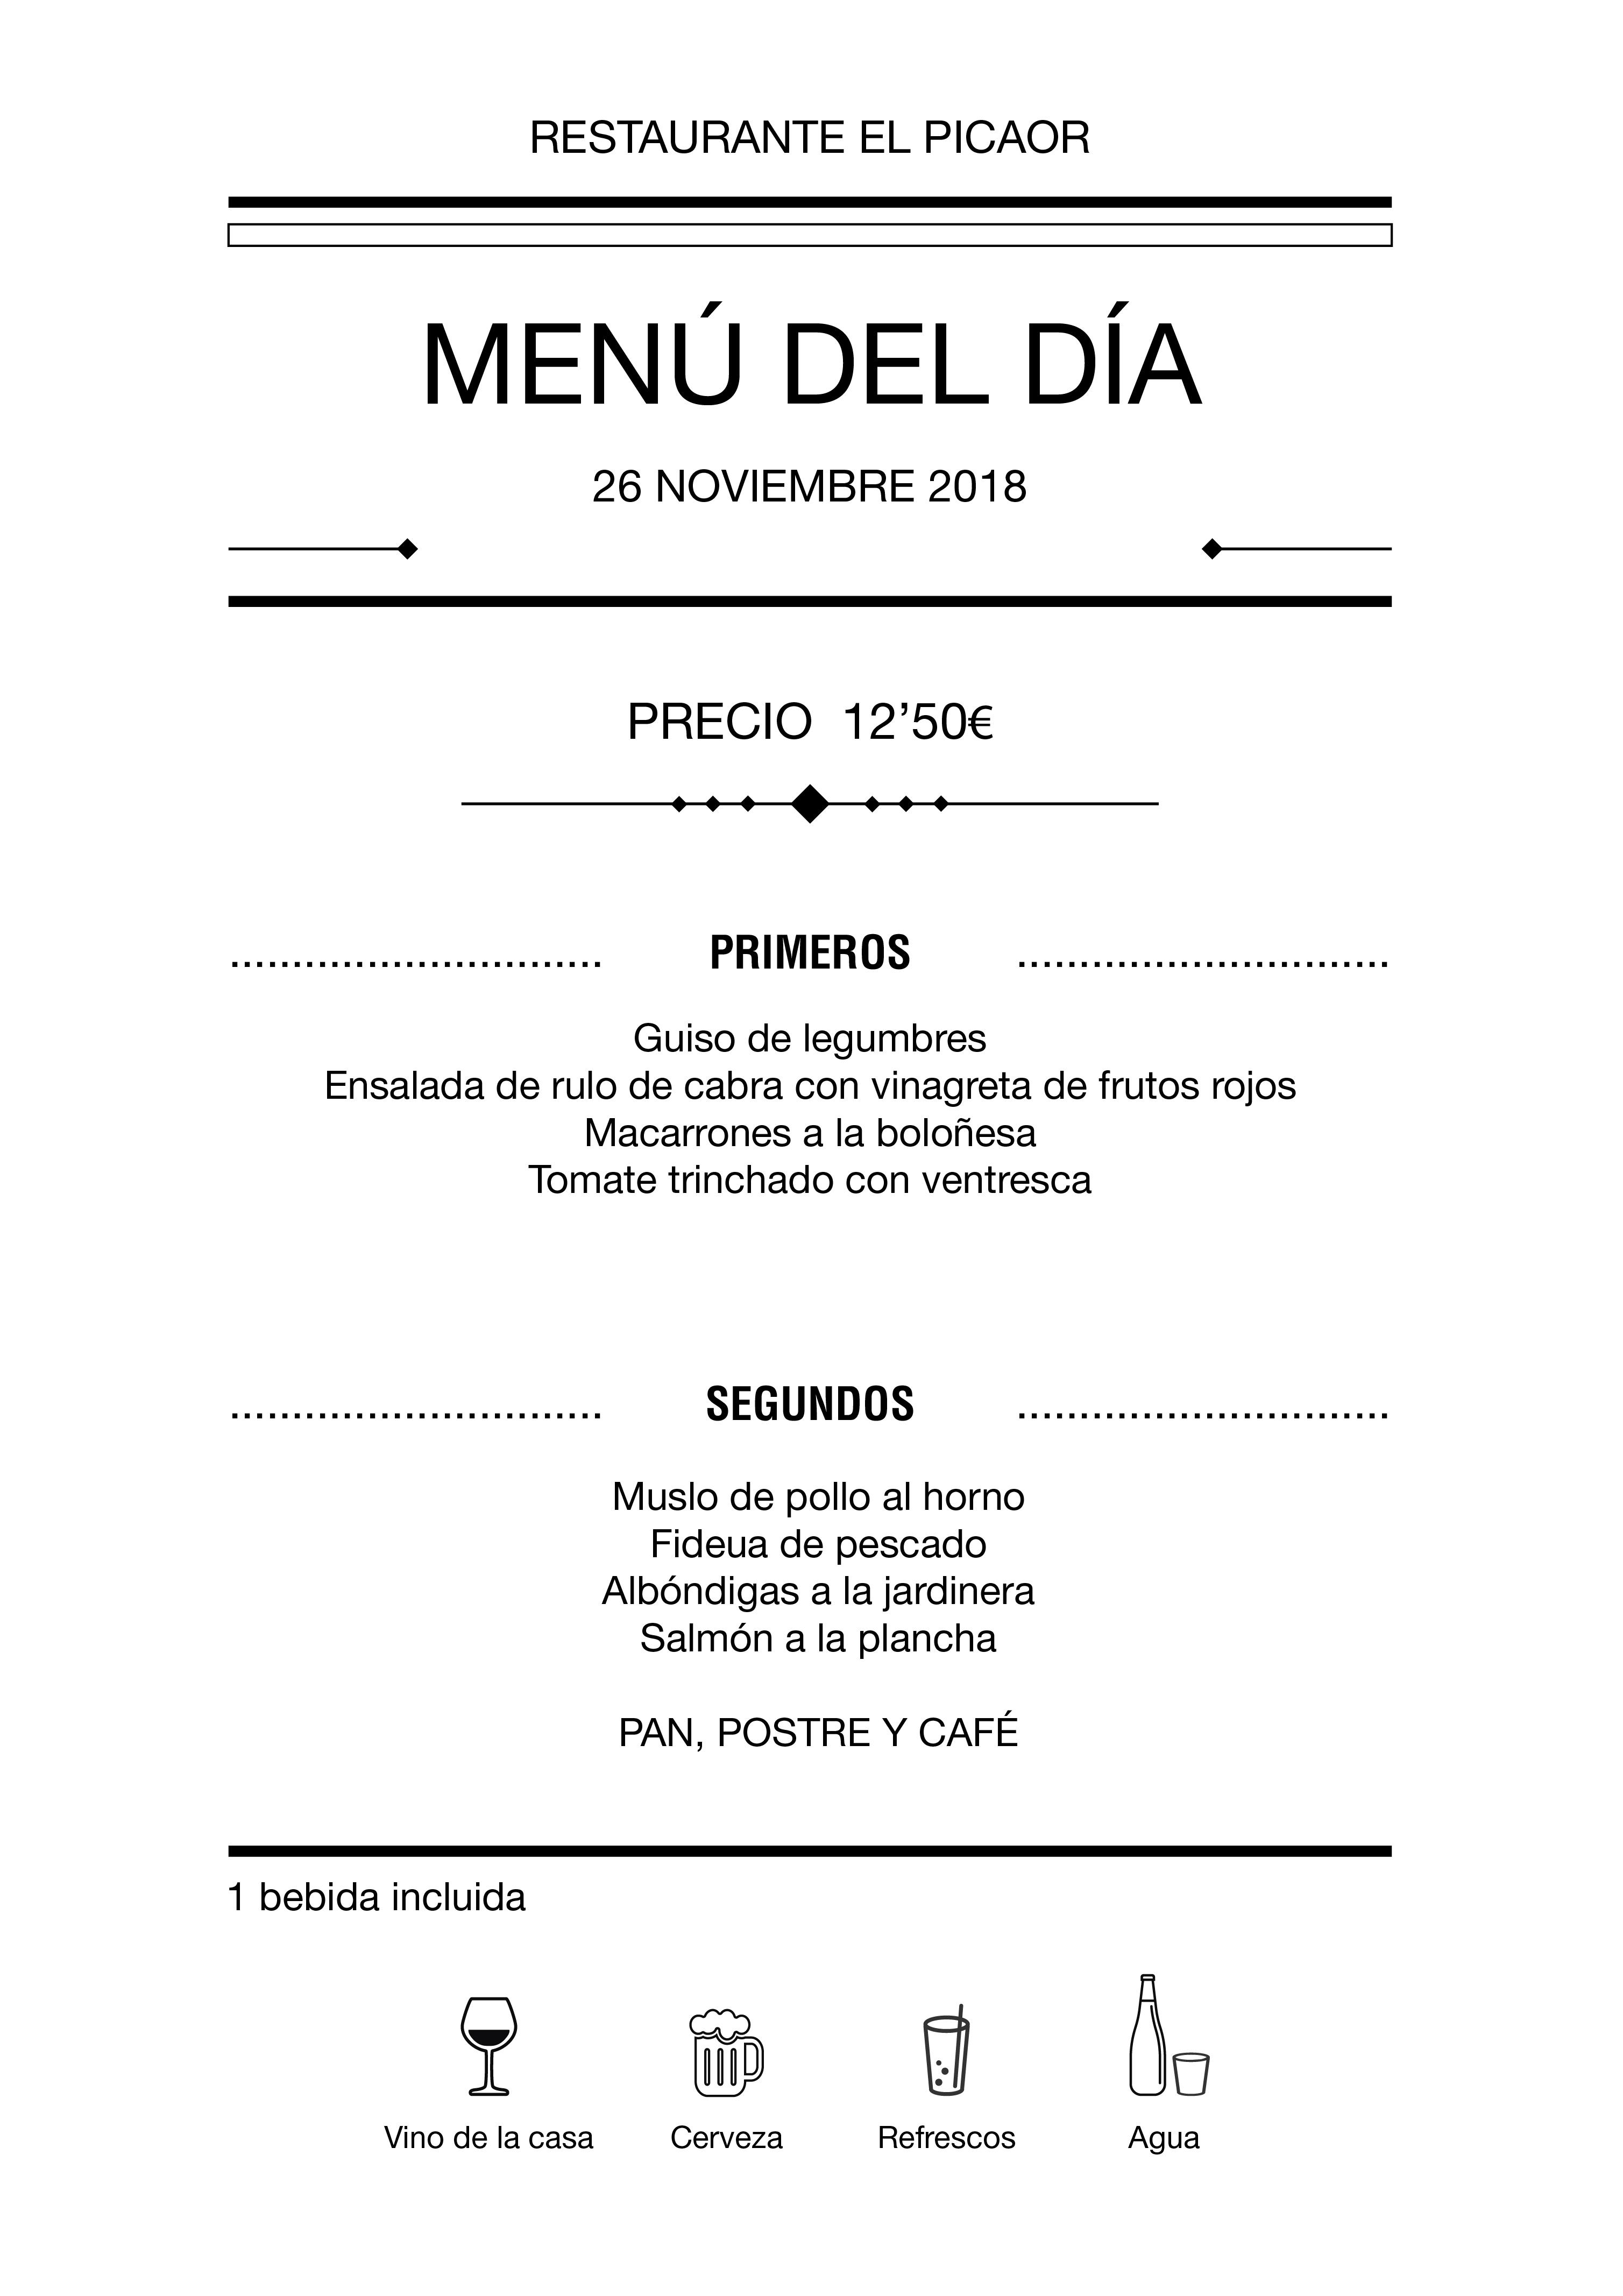 Menú diario El Picaor 20/11/18